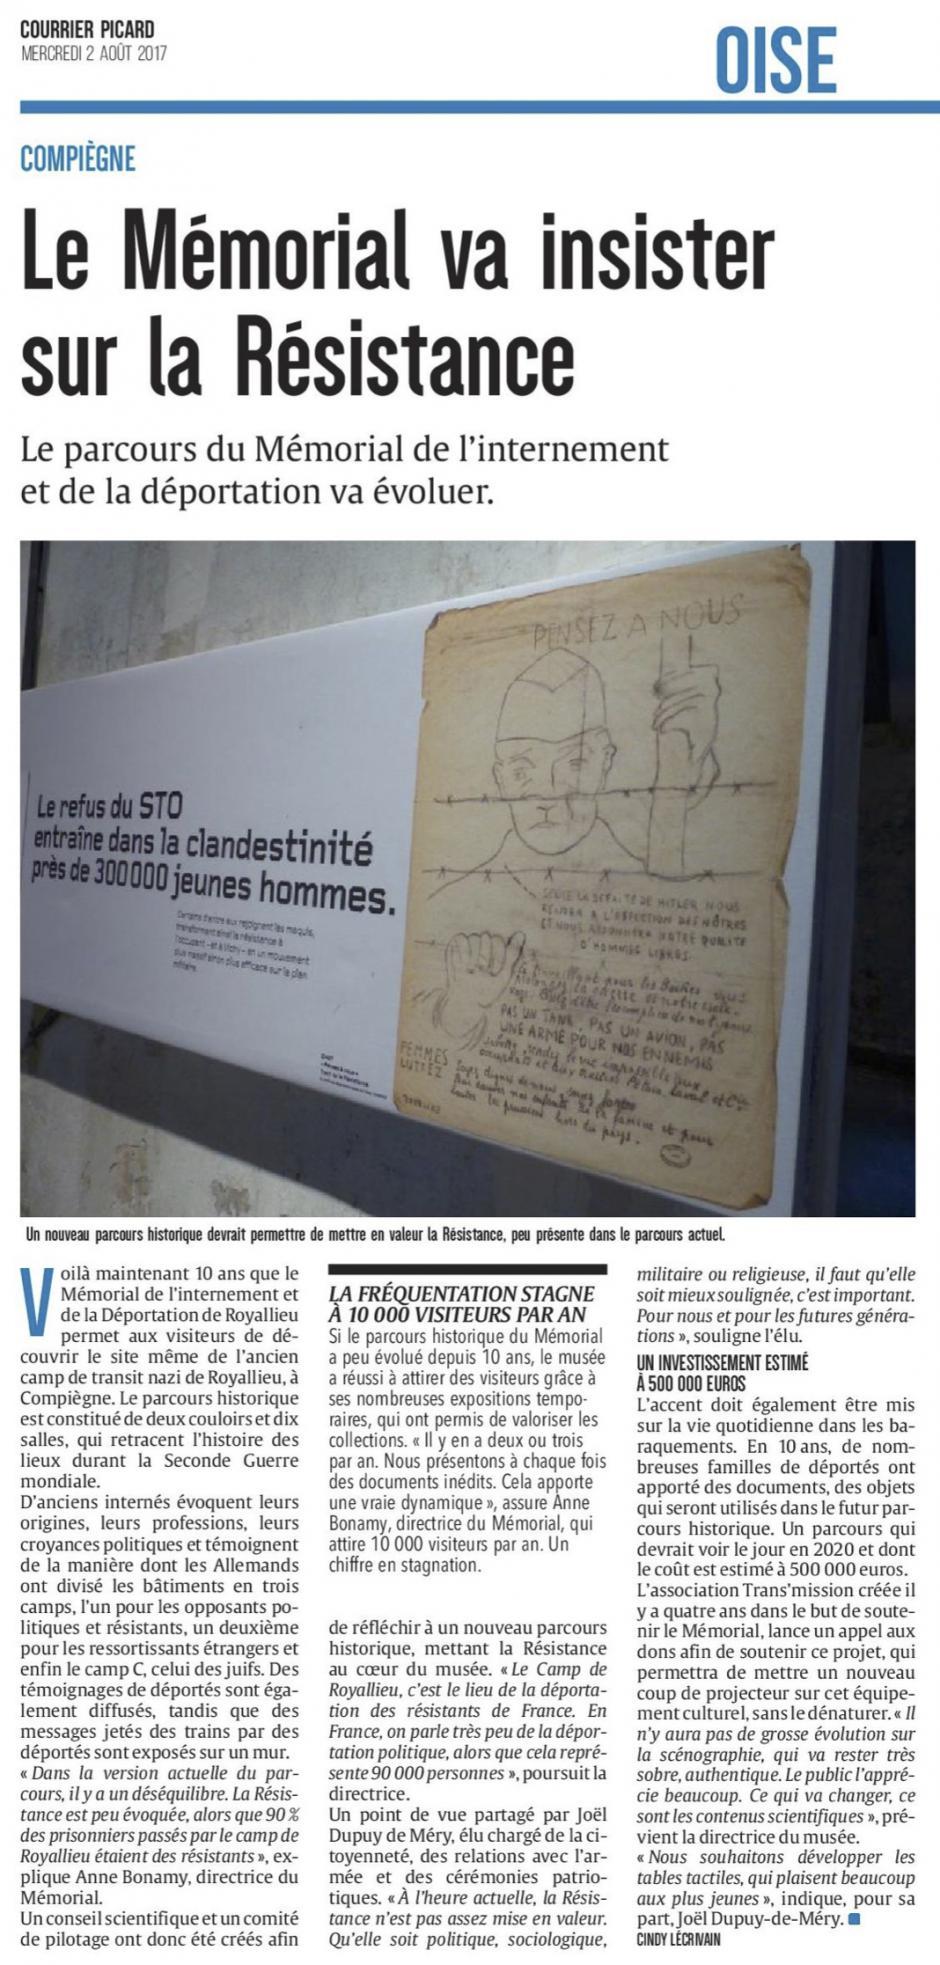 20170802-CP-Compiègne-Royallieu-Le Mémorial va insister sur la Résistance